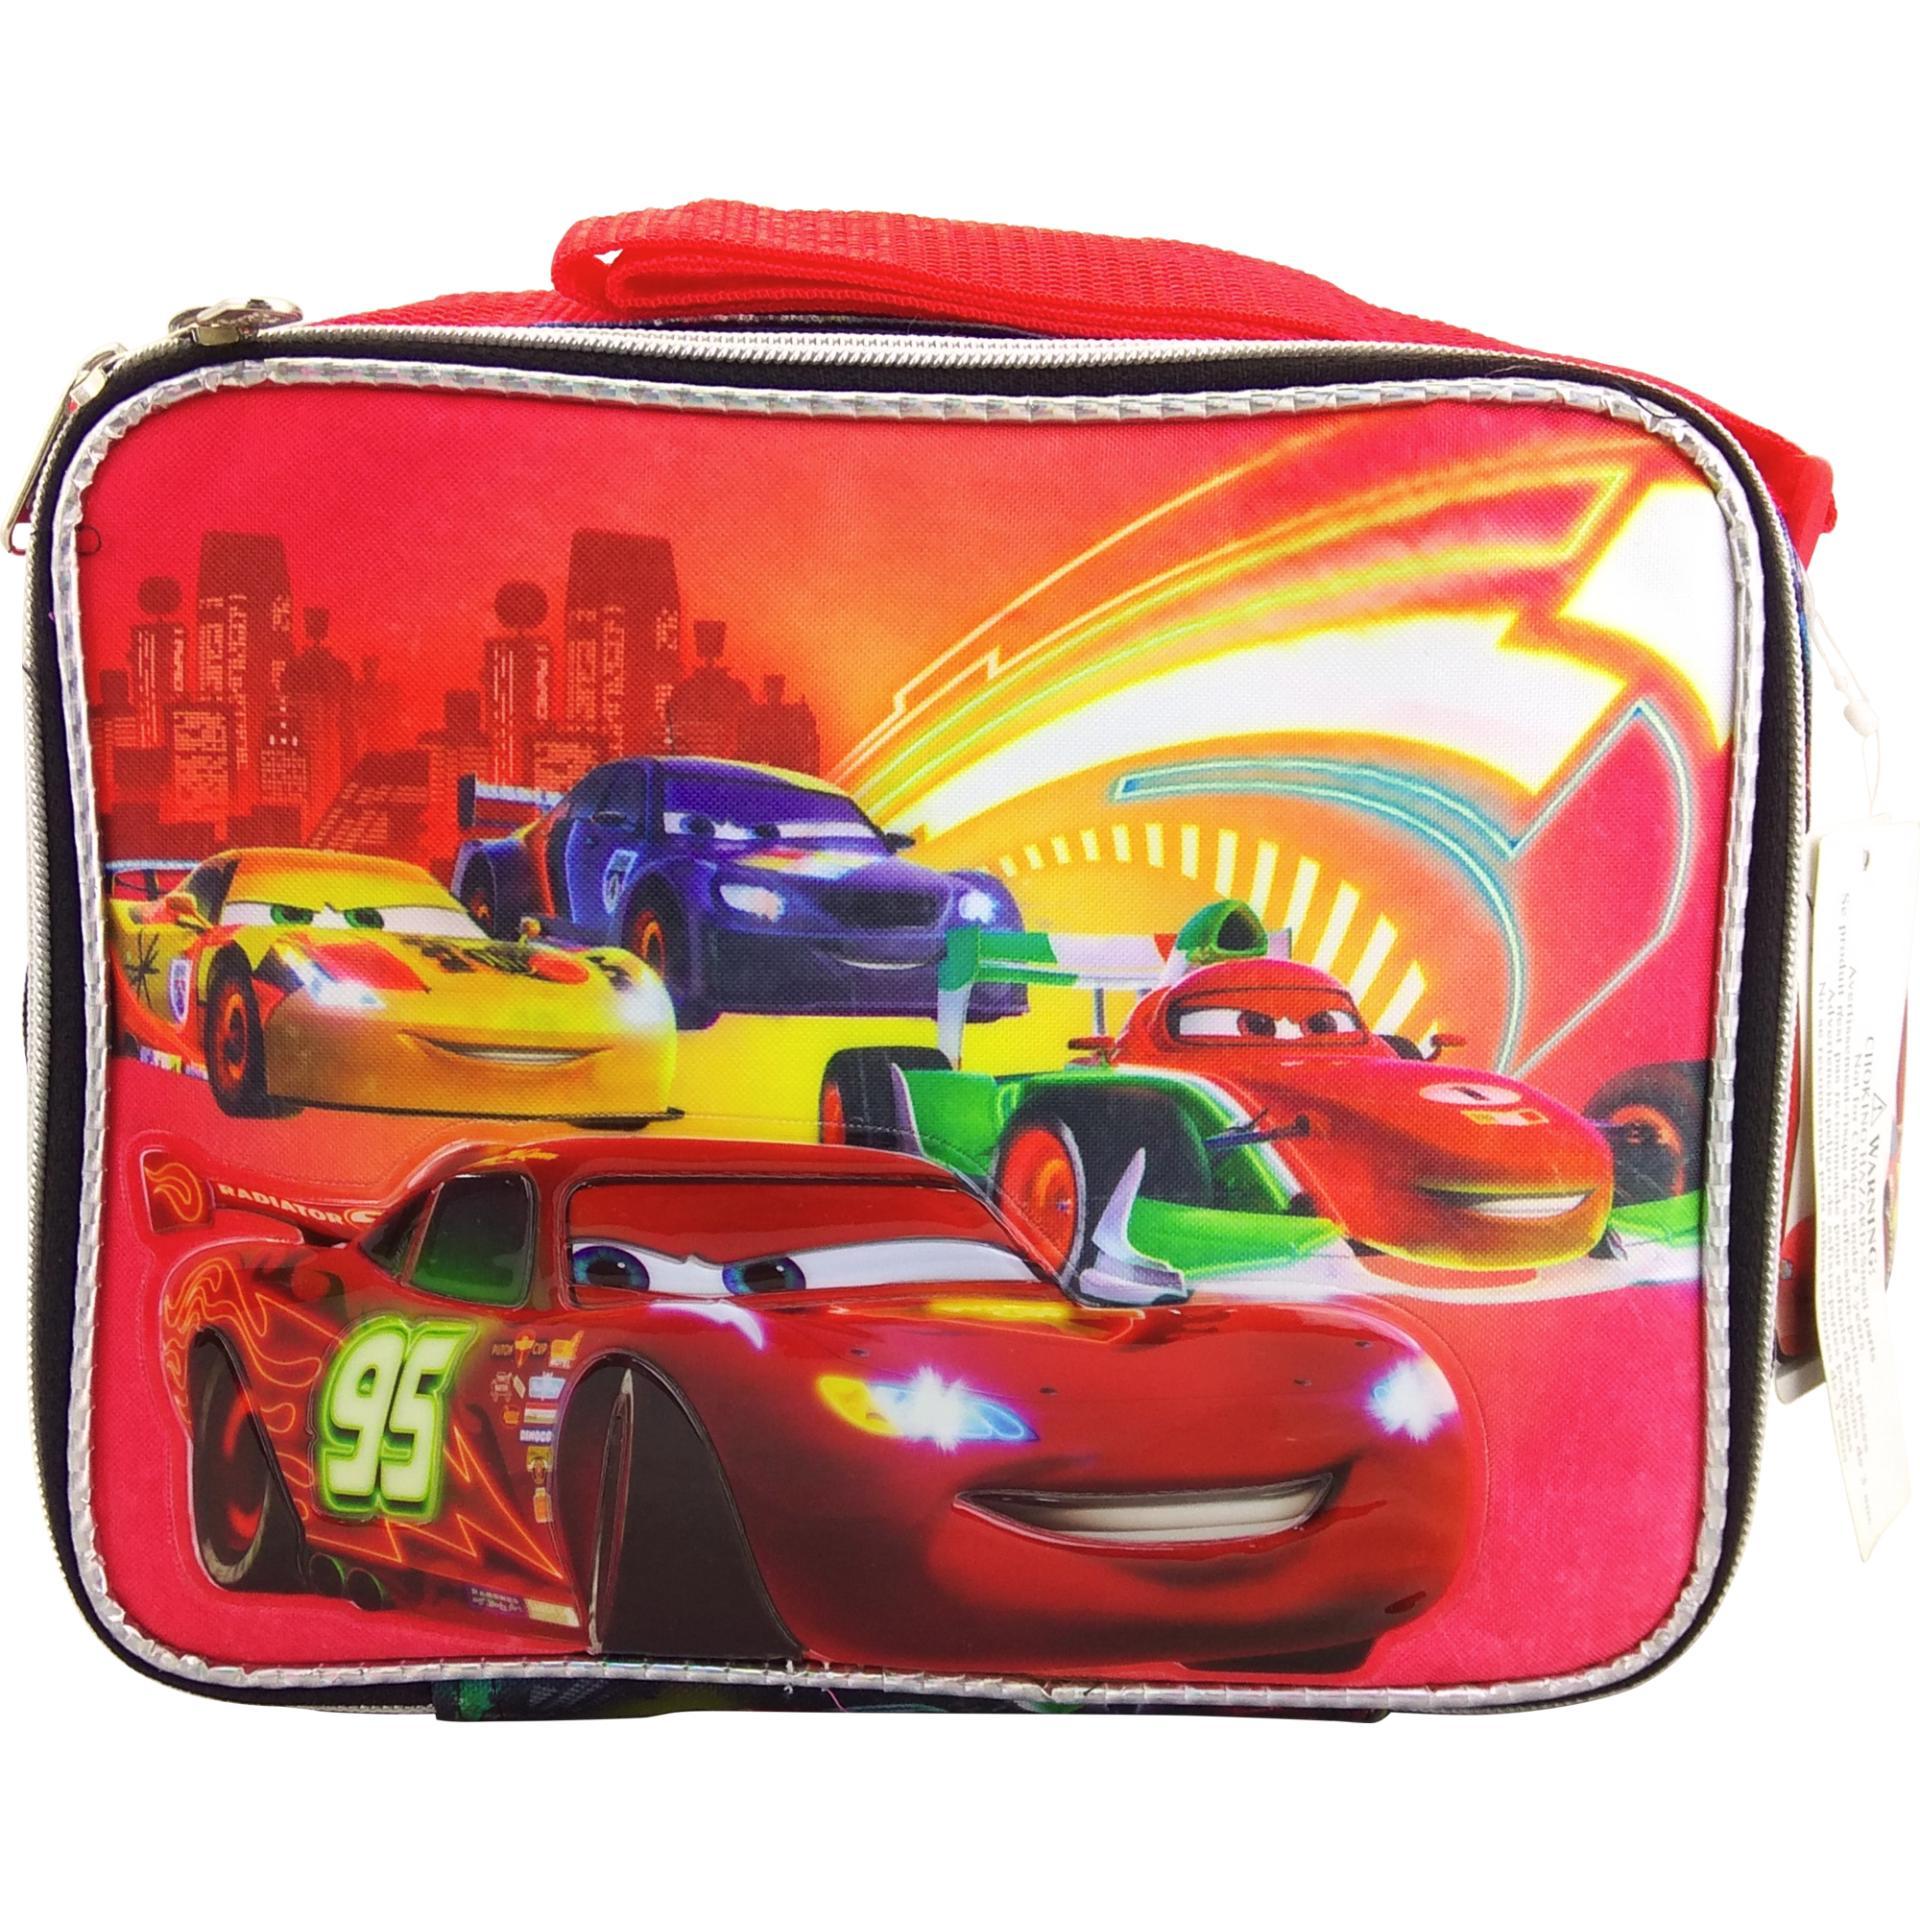 Disney Cars Lunch Kit Box Bag